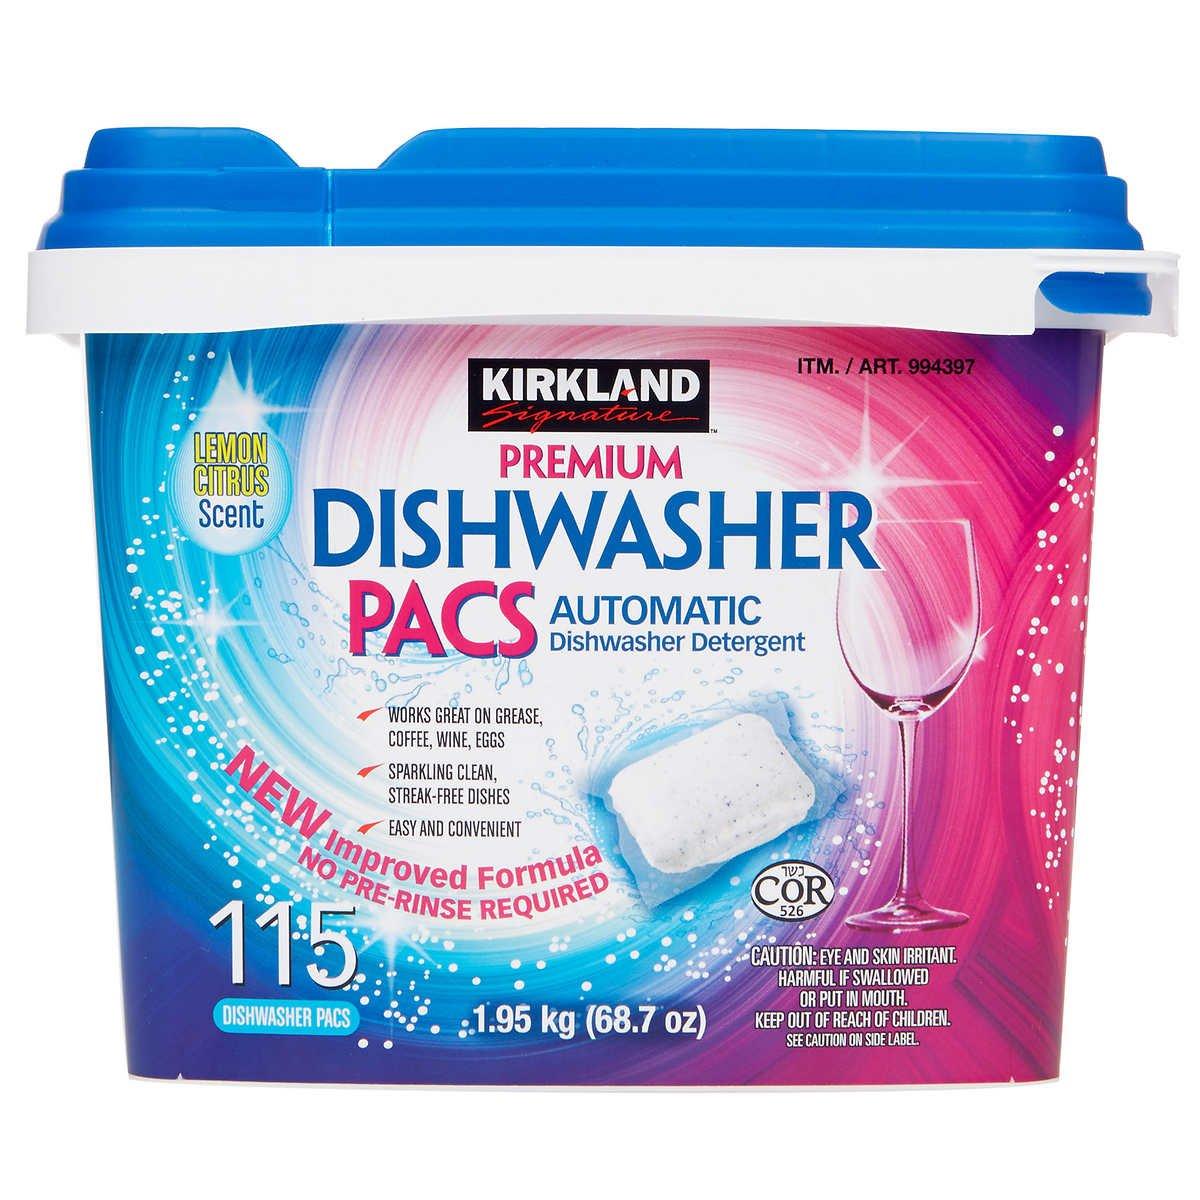 Kirkland Signature Easy to Use, Streak Free Premium Dishwasher Pacs, Automatic Dishwasher Detergent